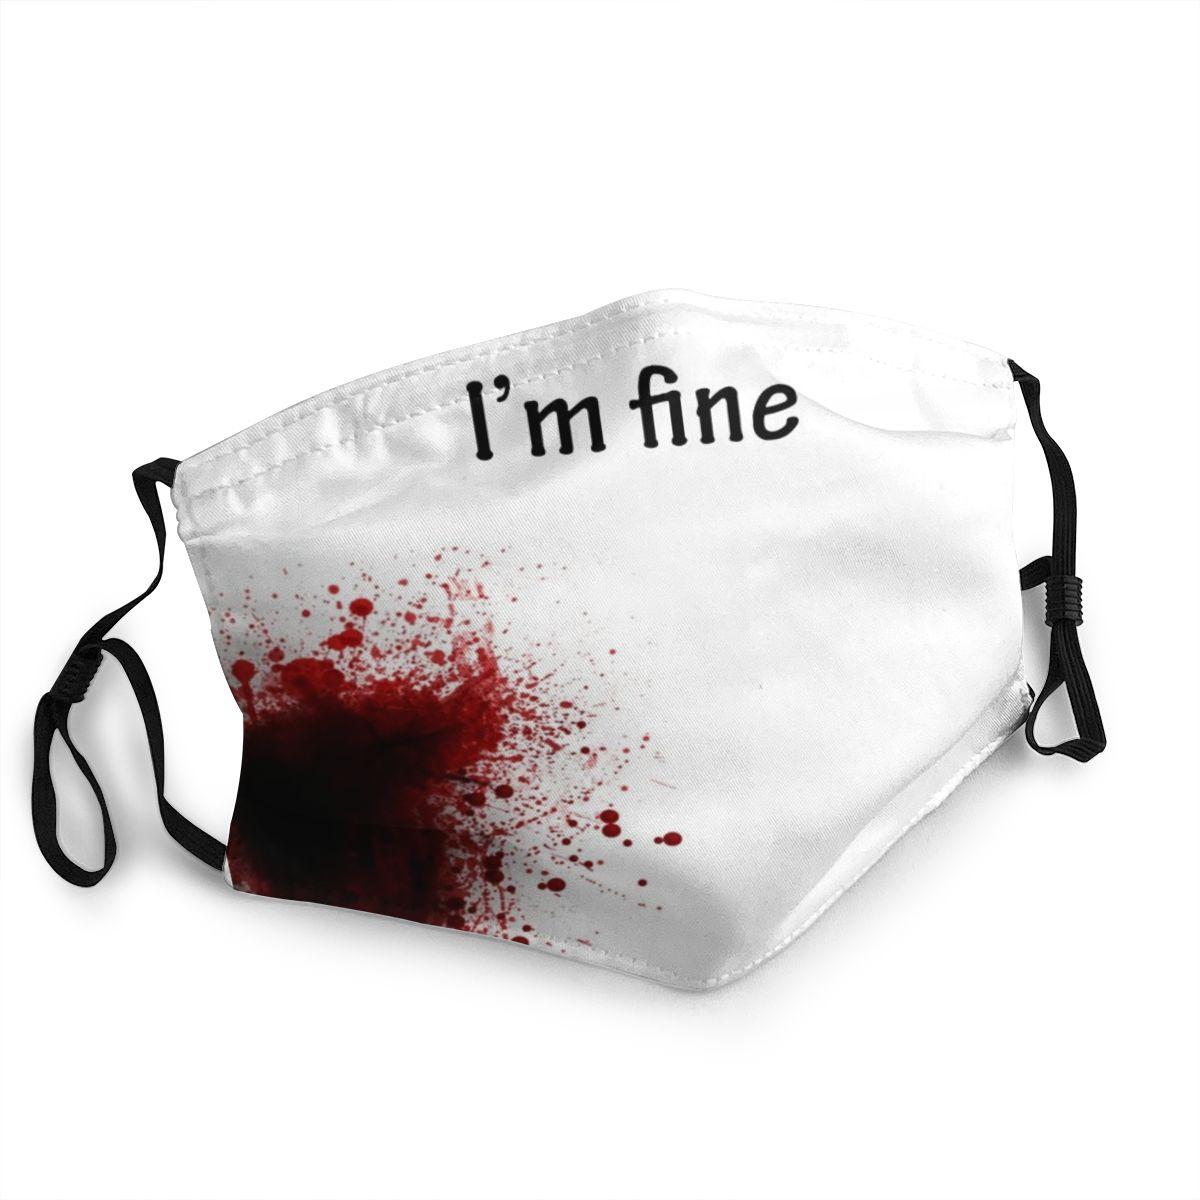 Многоразовая маска для лица для мужчин и женщин I'm Fine Bloody, пыленепроницаемый защитный чехол, респиратор, маска для рта